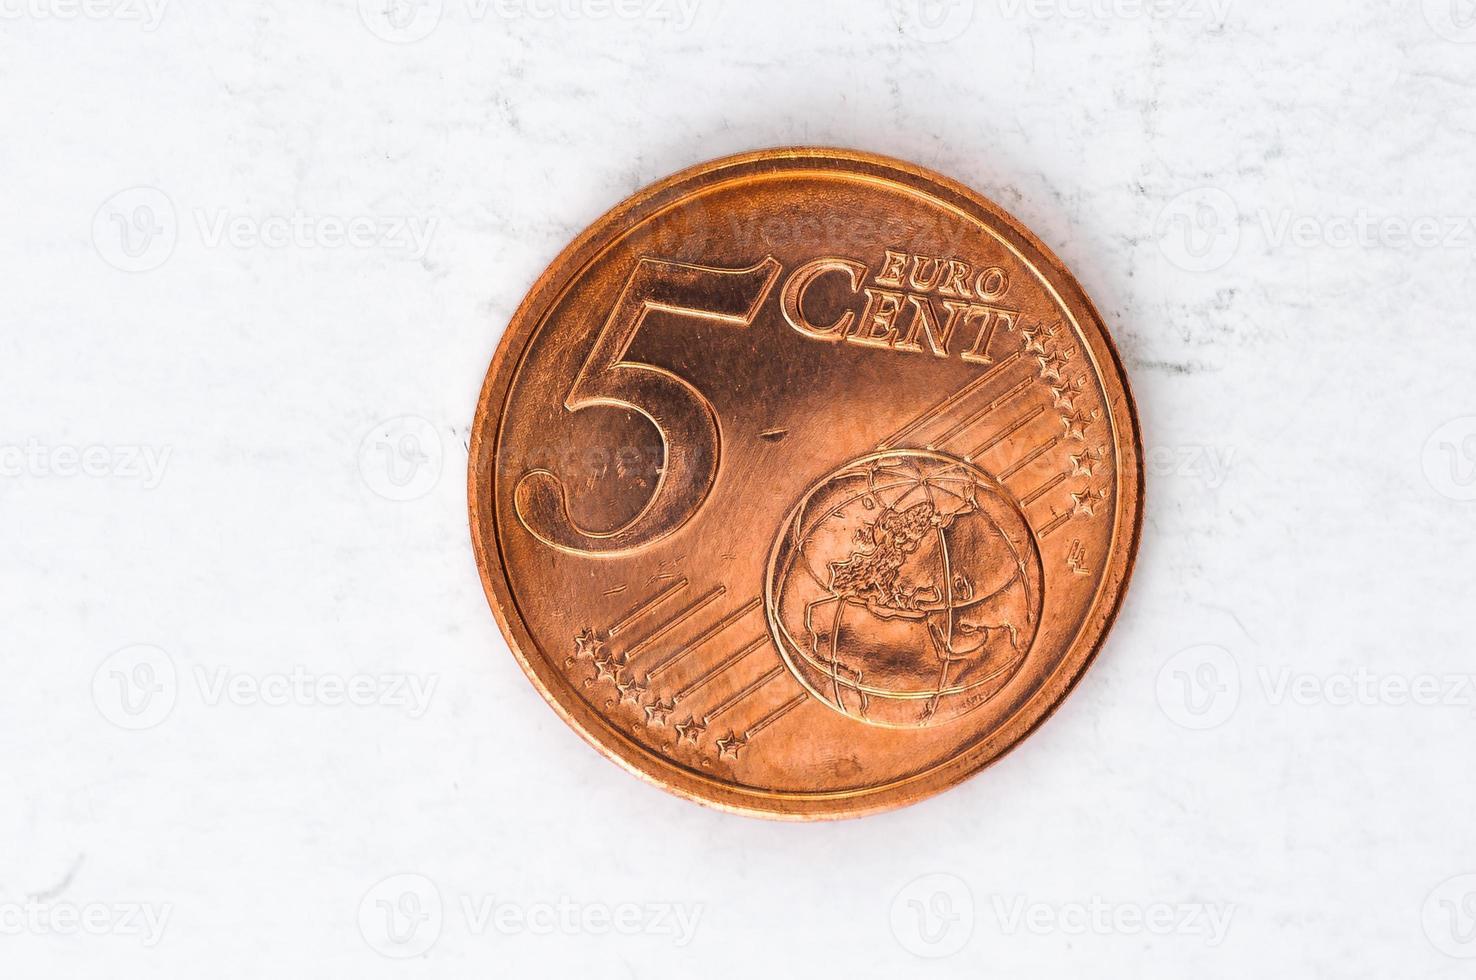 Munt van 5 eurocent met gebruikte voorkant foto